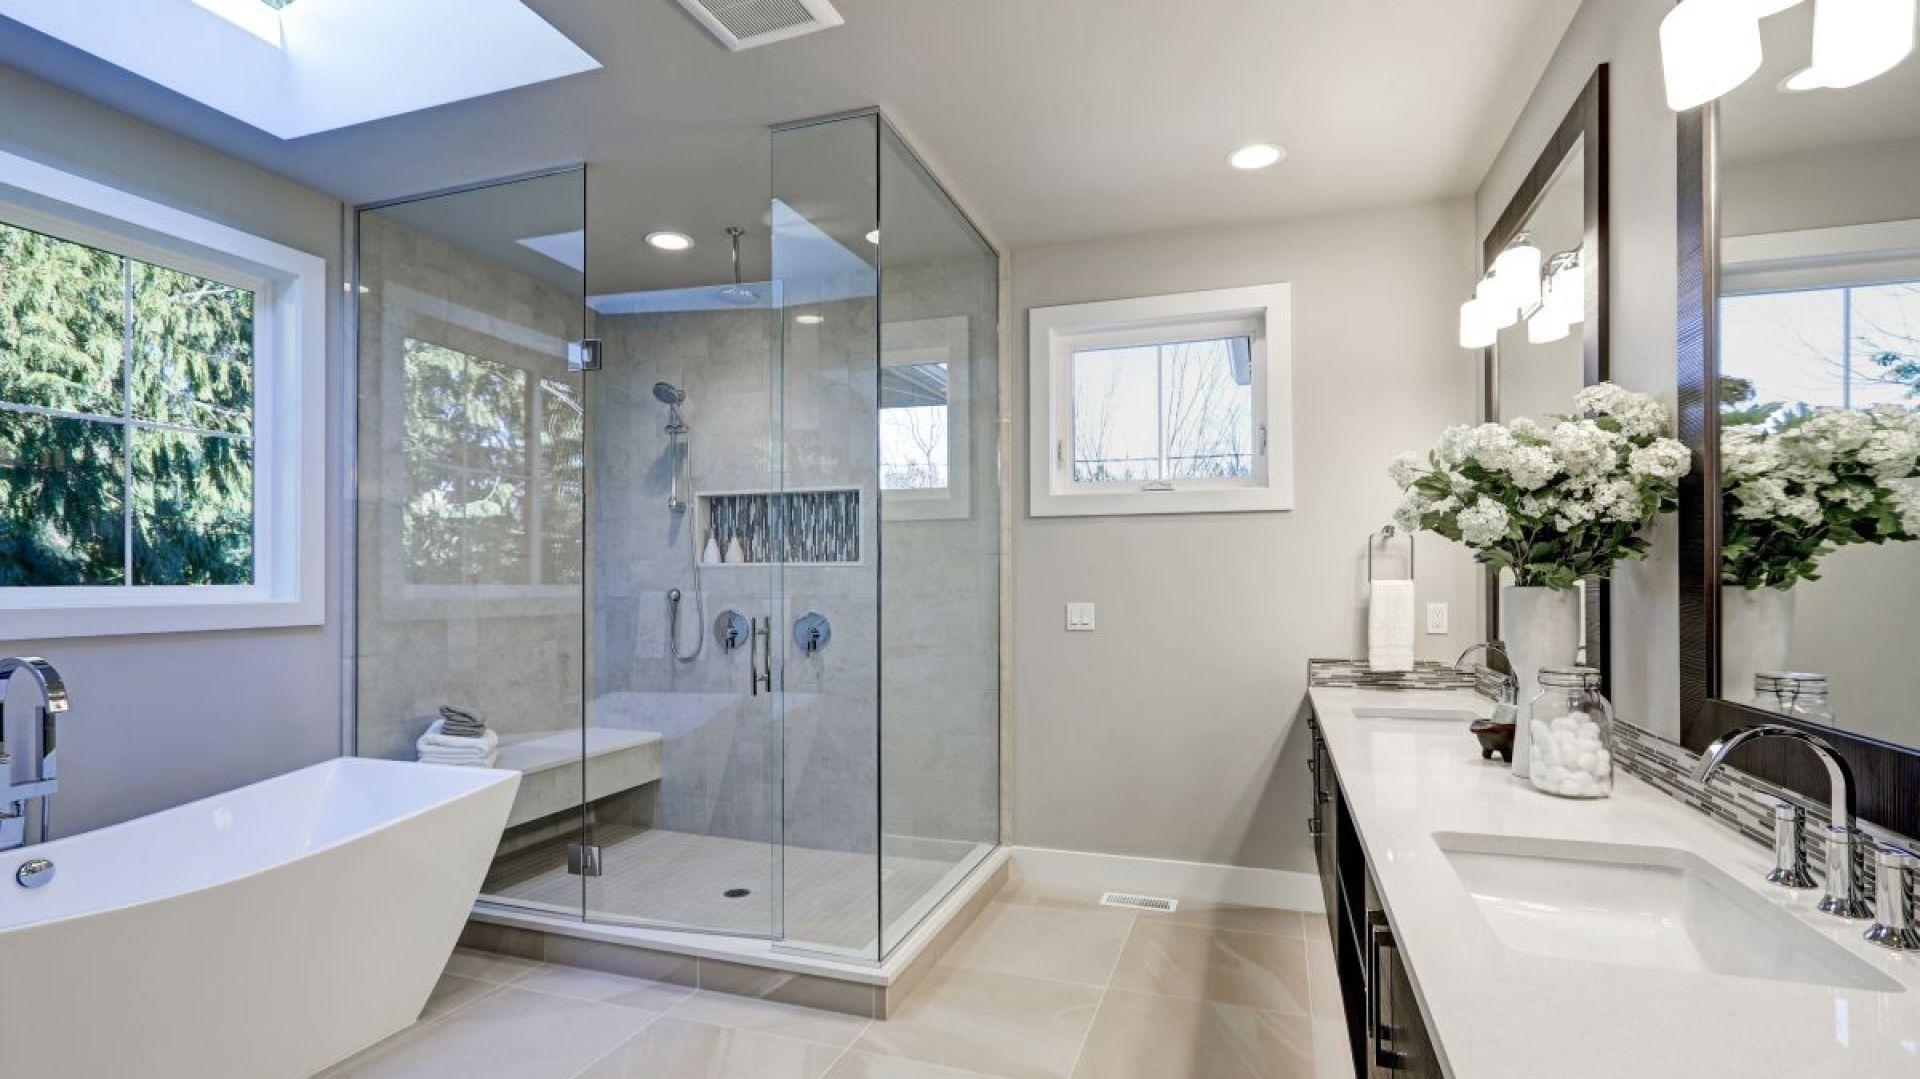 Kratki wentylacyjne oraz wentylatory należy montować jak najdalej od drzwi wejściowych do pomieszczenia. Fot. Shutterstock